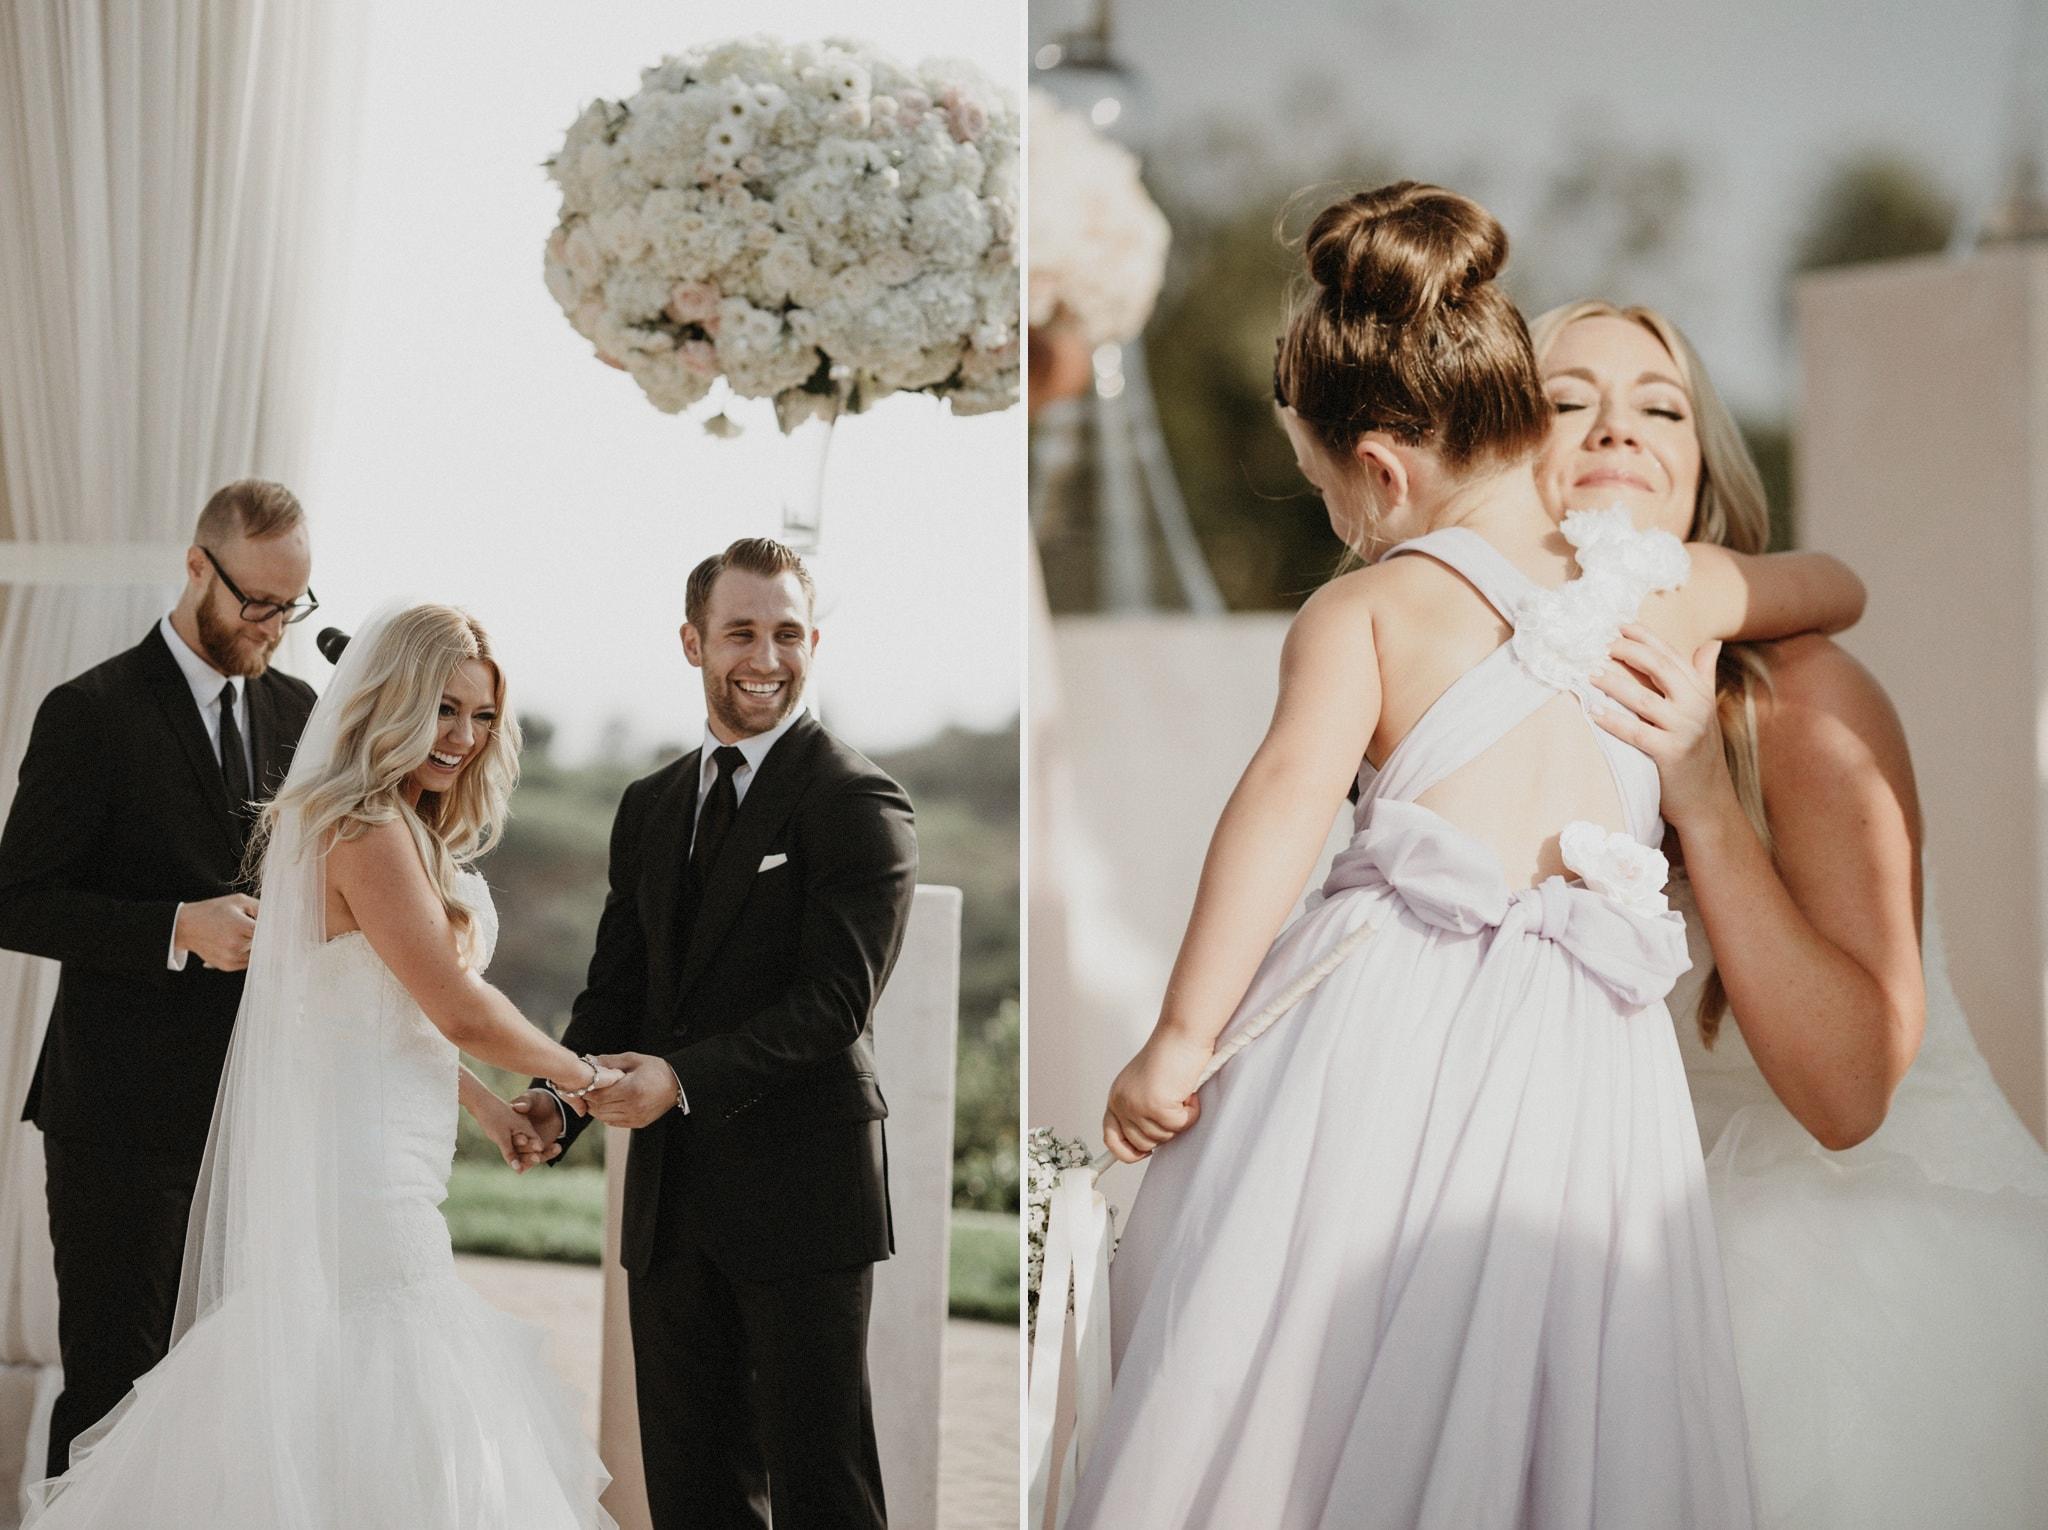 Carly Jason Zucker S Destination Wedding